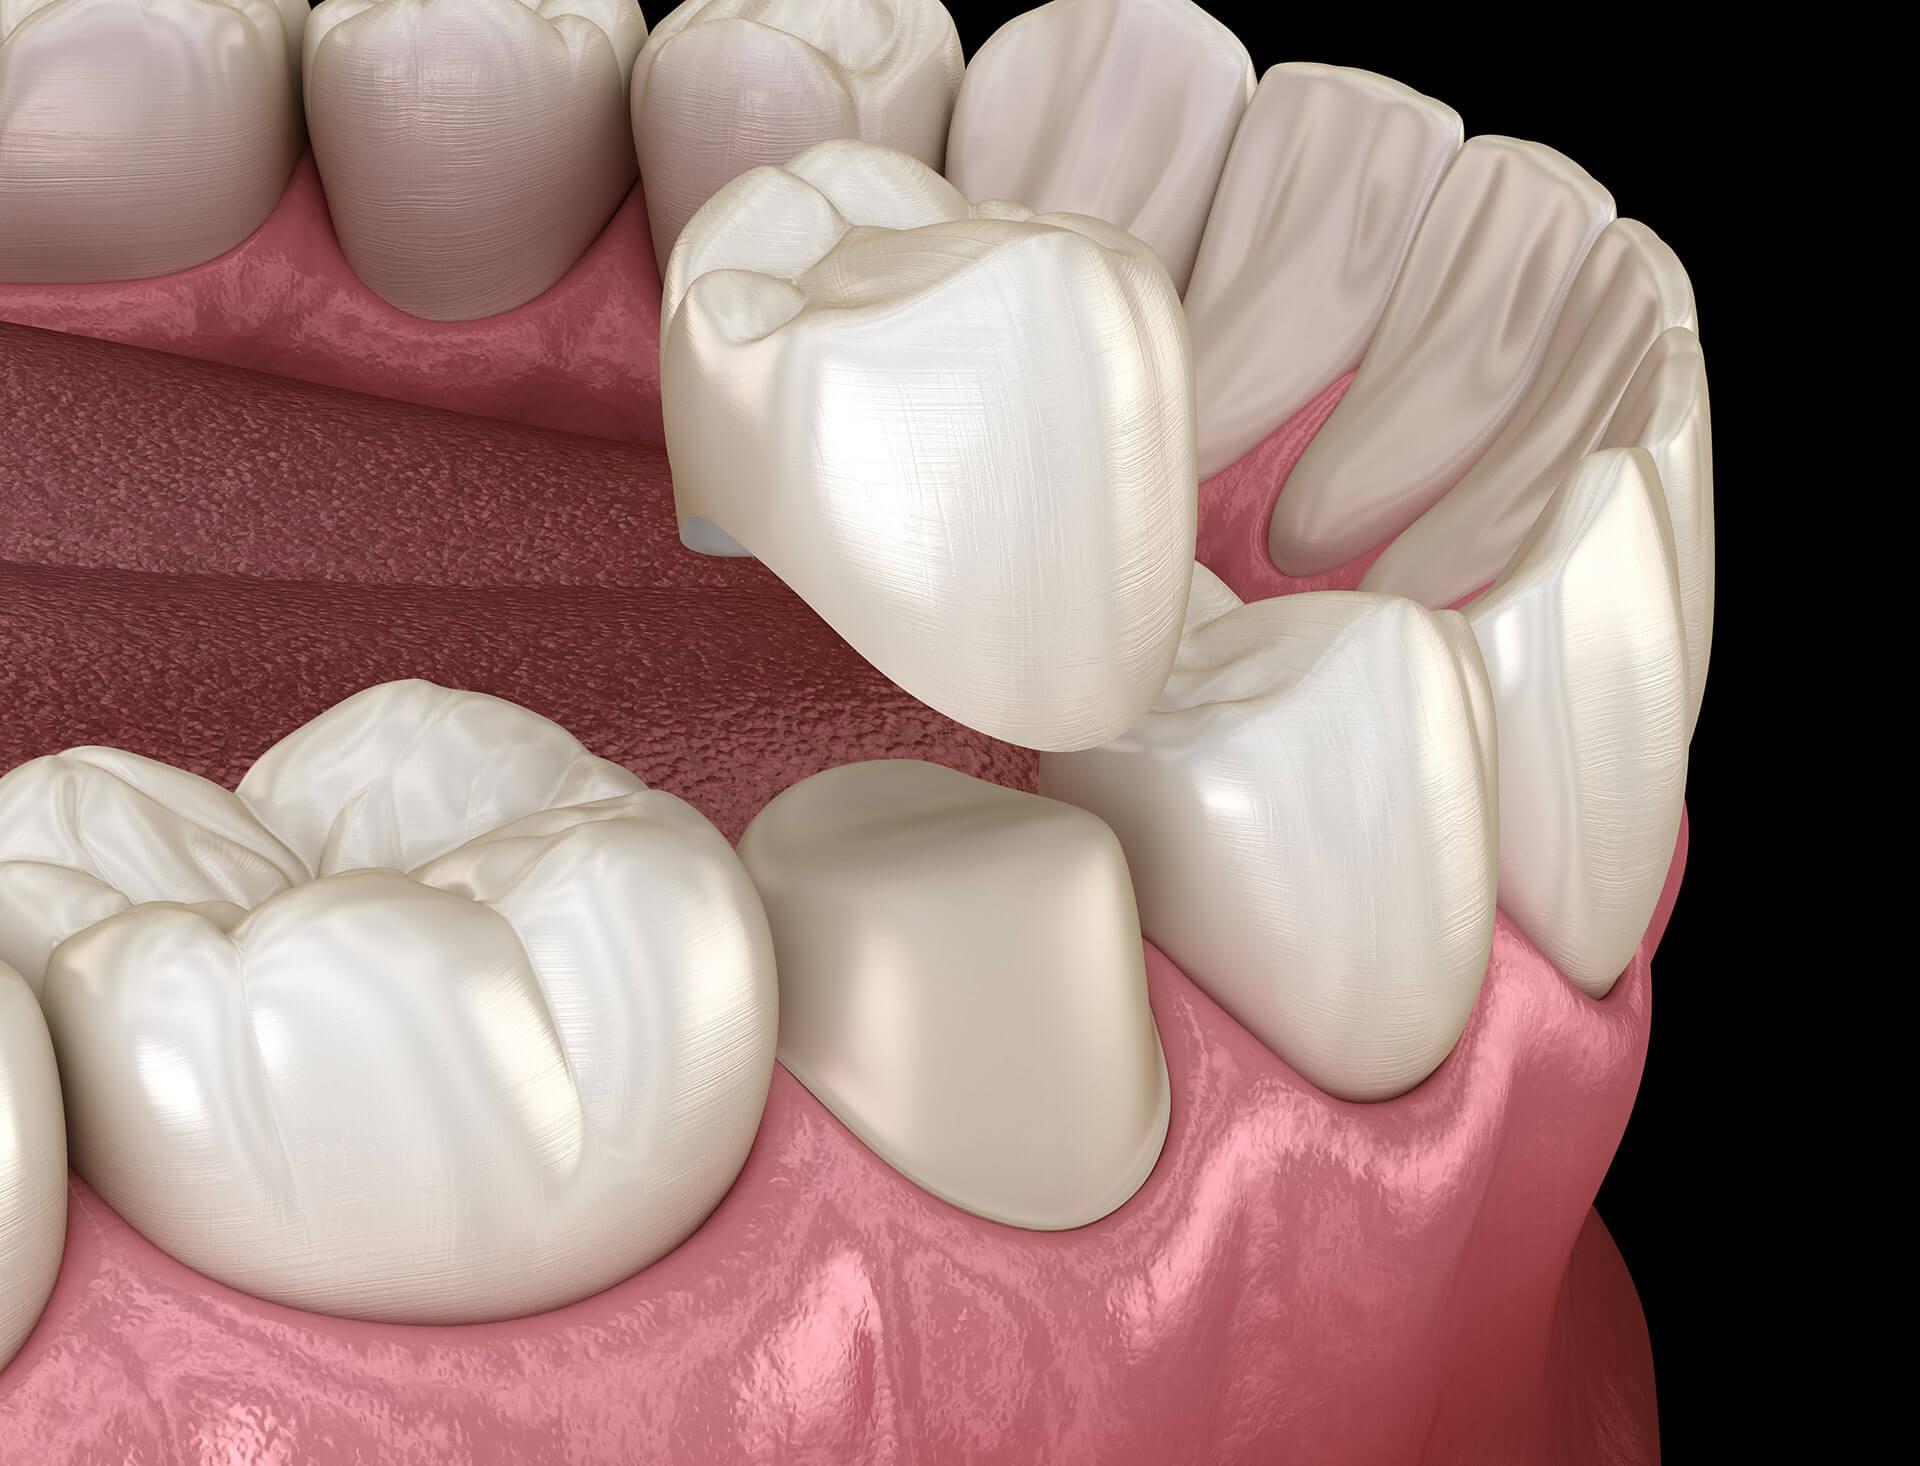 dental crowns san jose